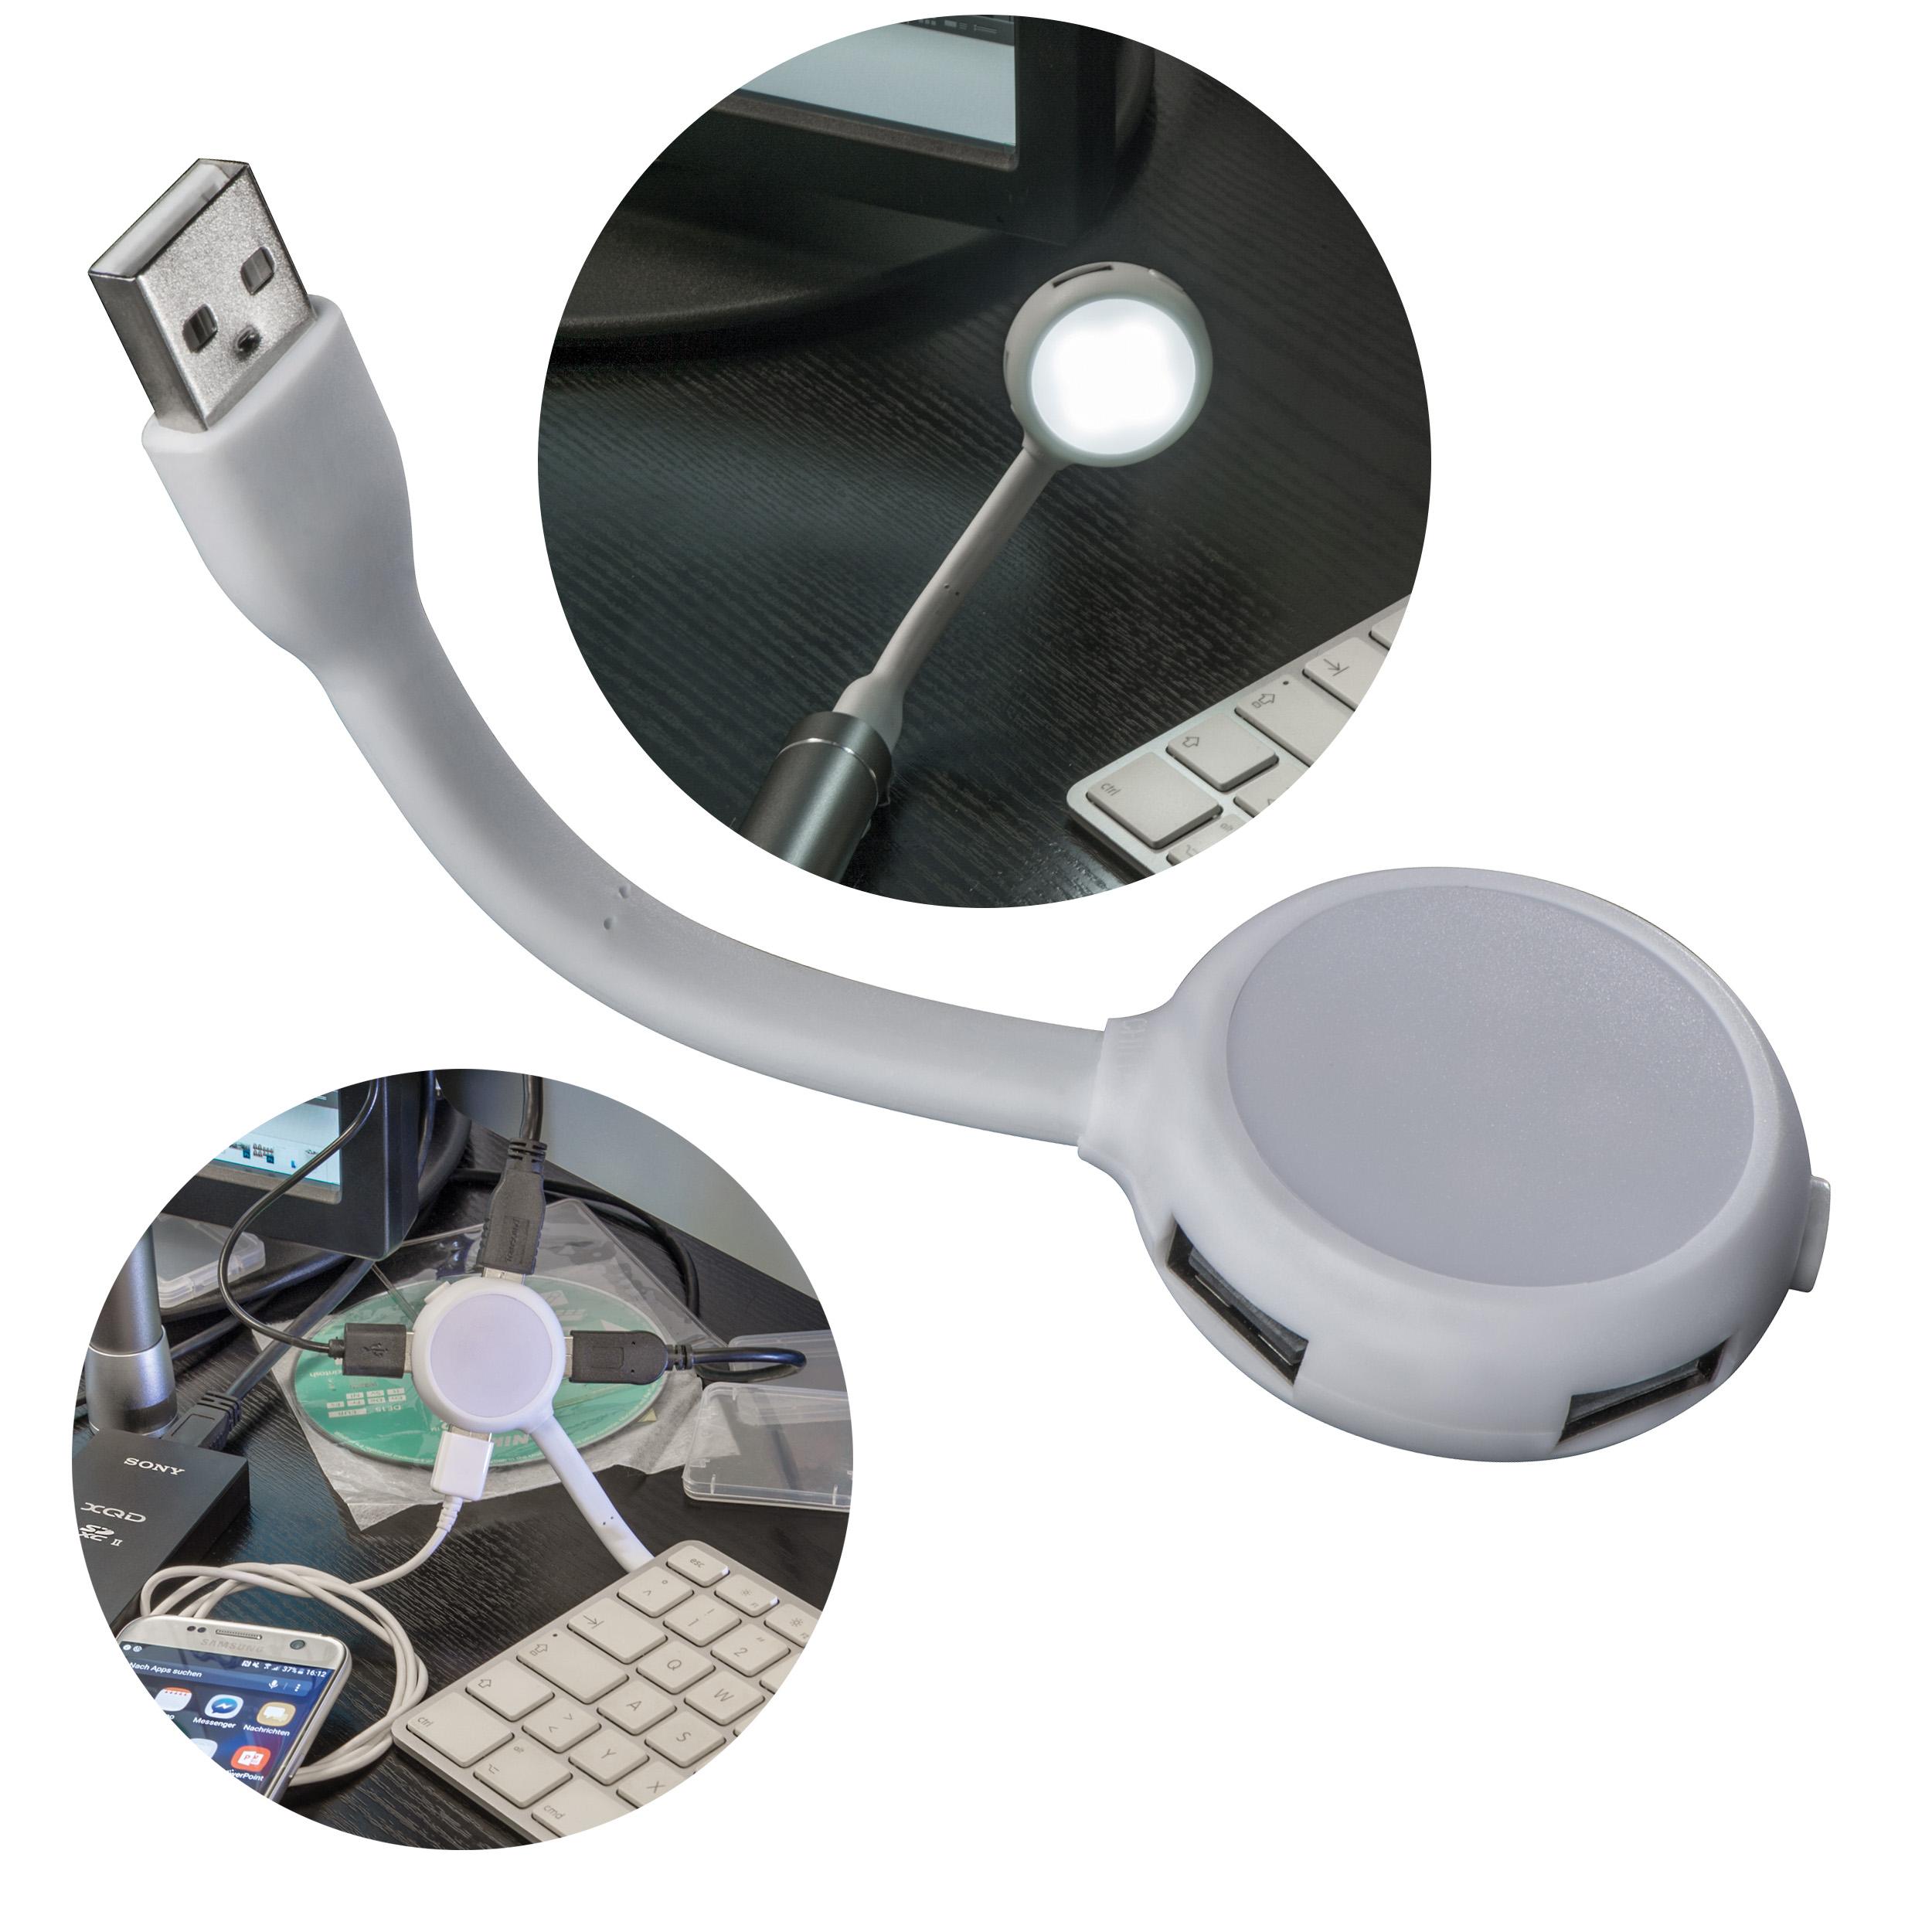 USB-Hubmit 4 Anschlüssen und Licht